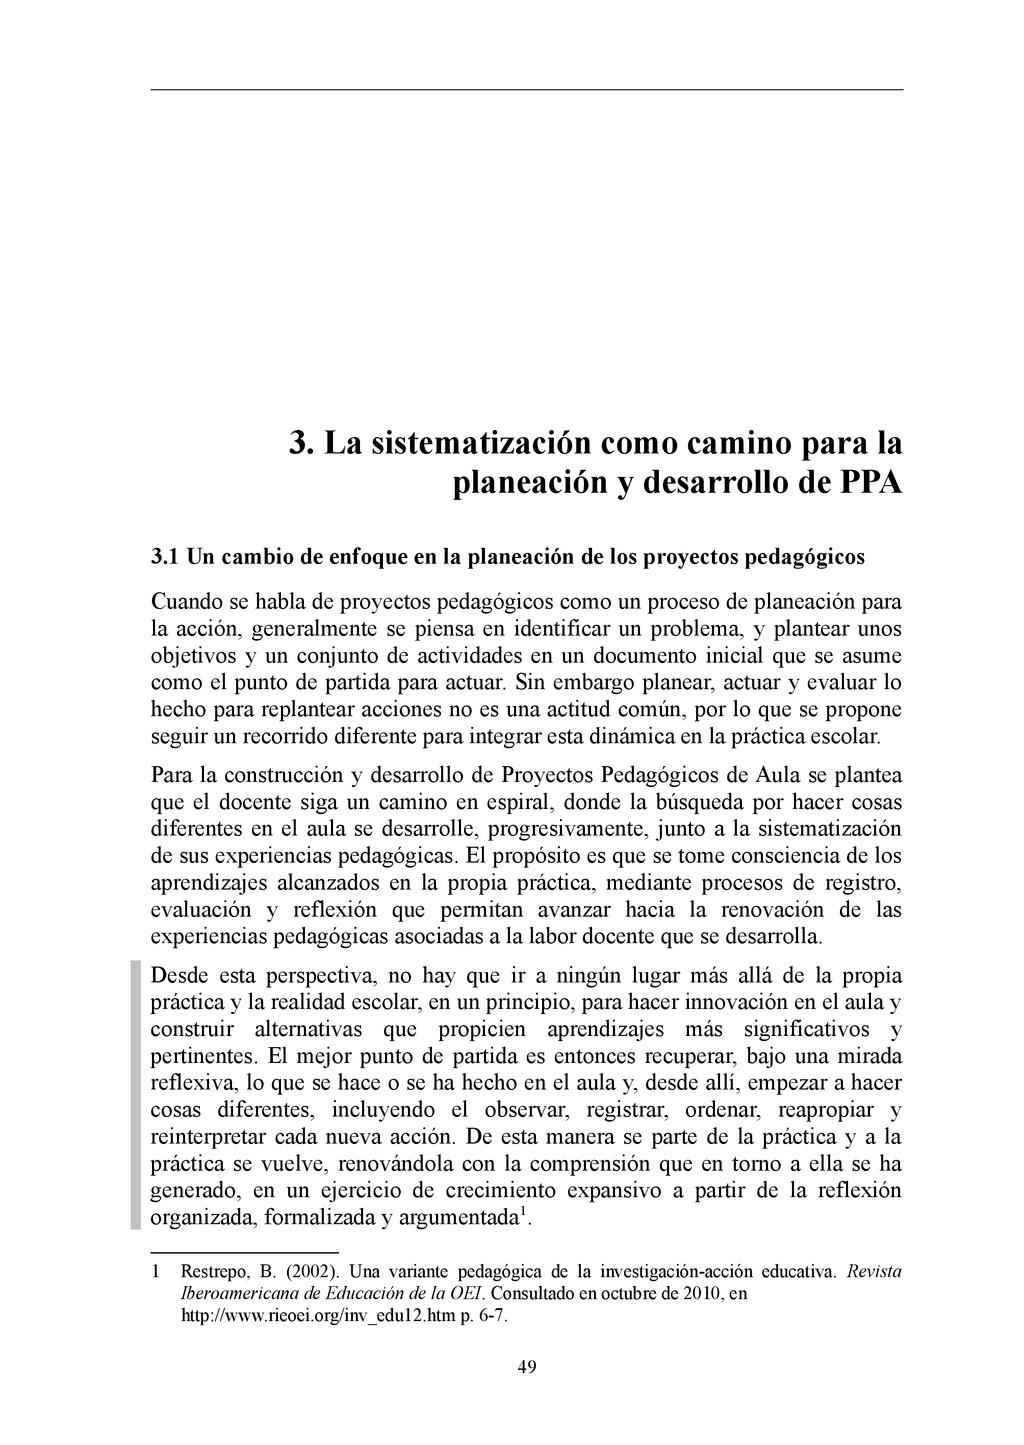 3. La sistematización como camino para la plane...